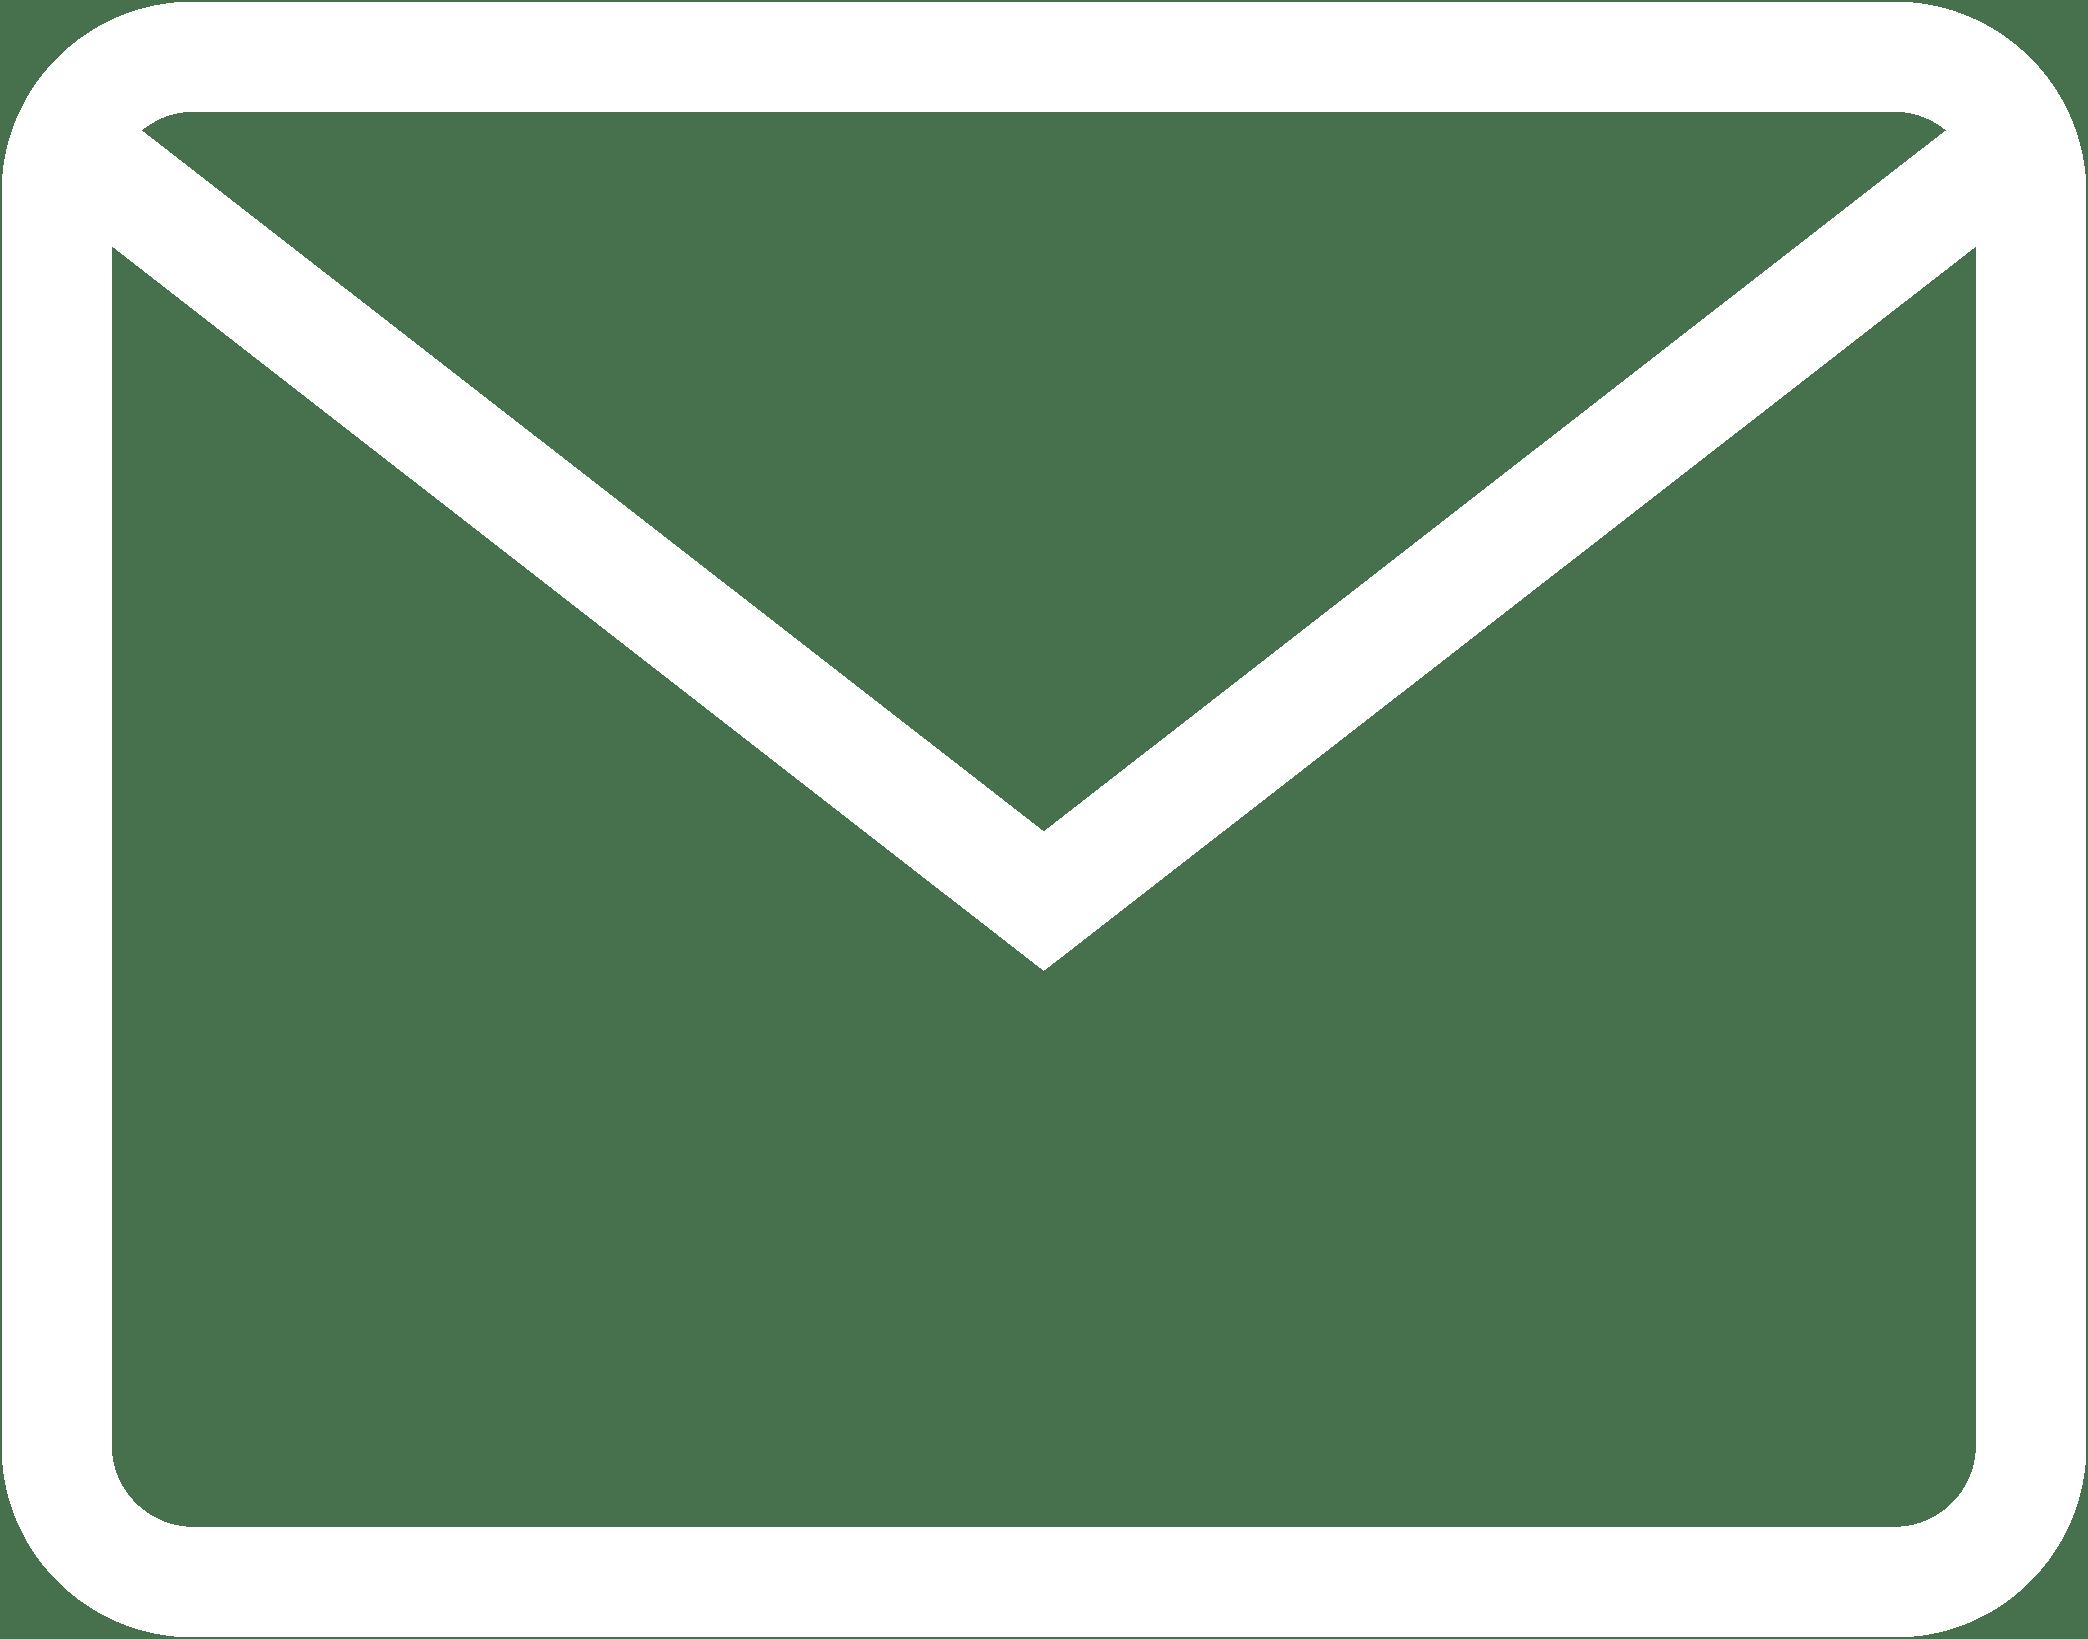 Pictogramme d'une enveloppe